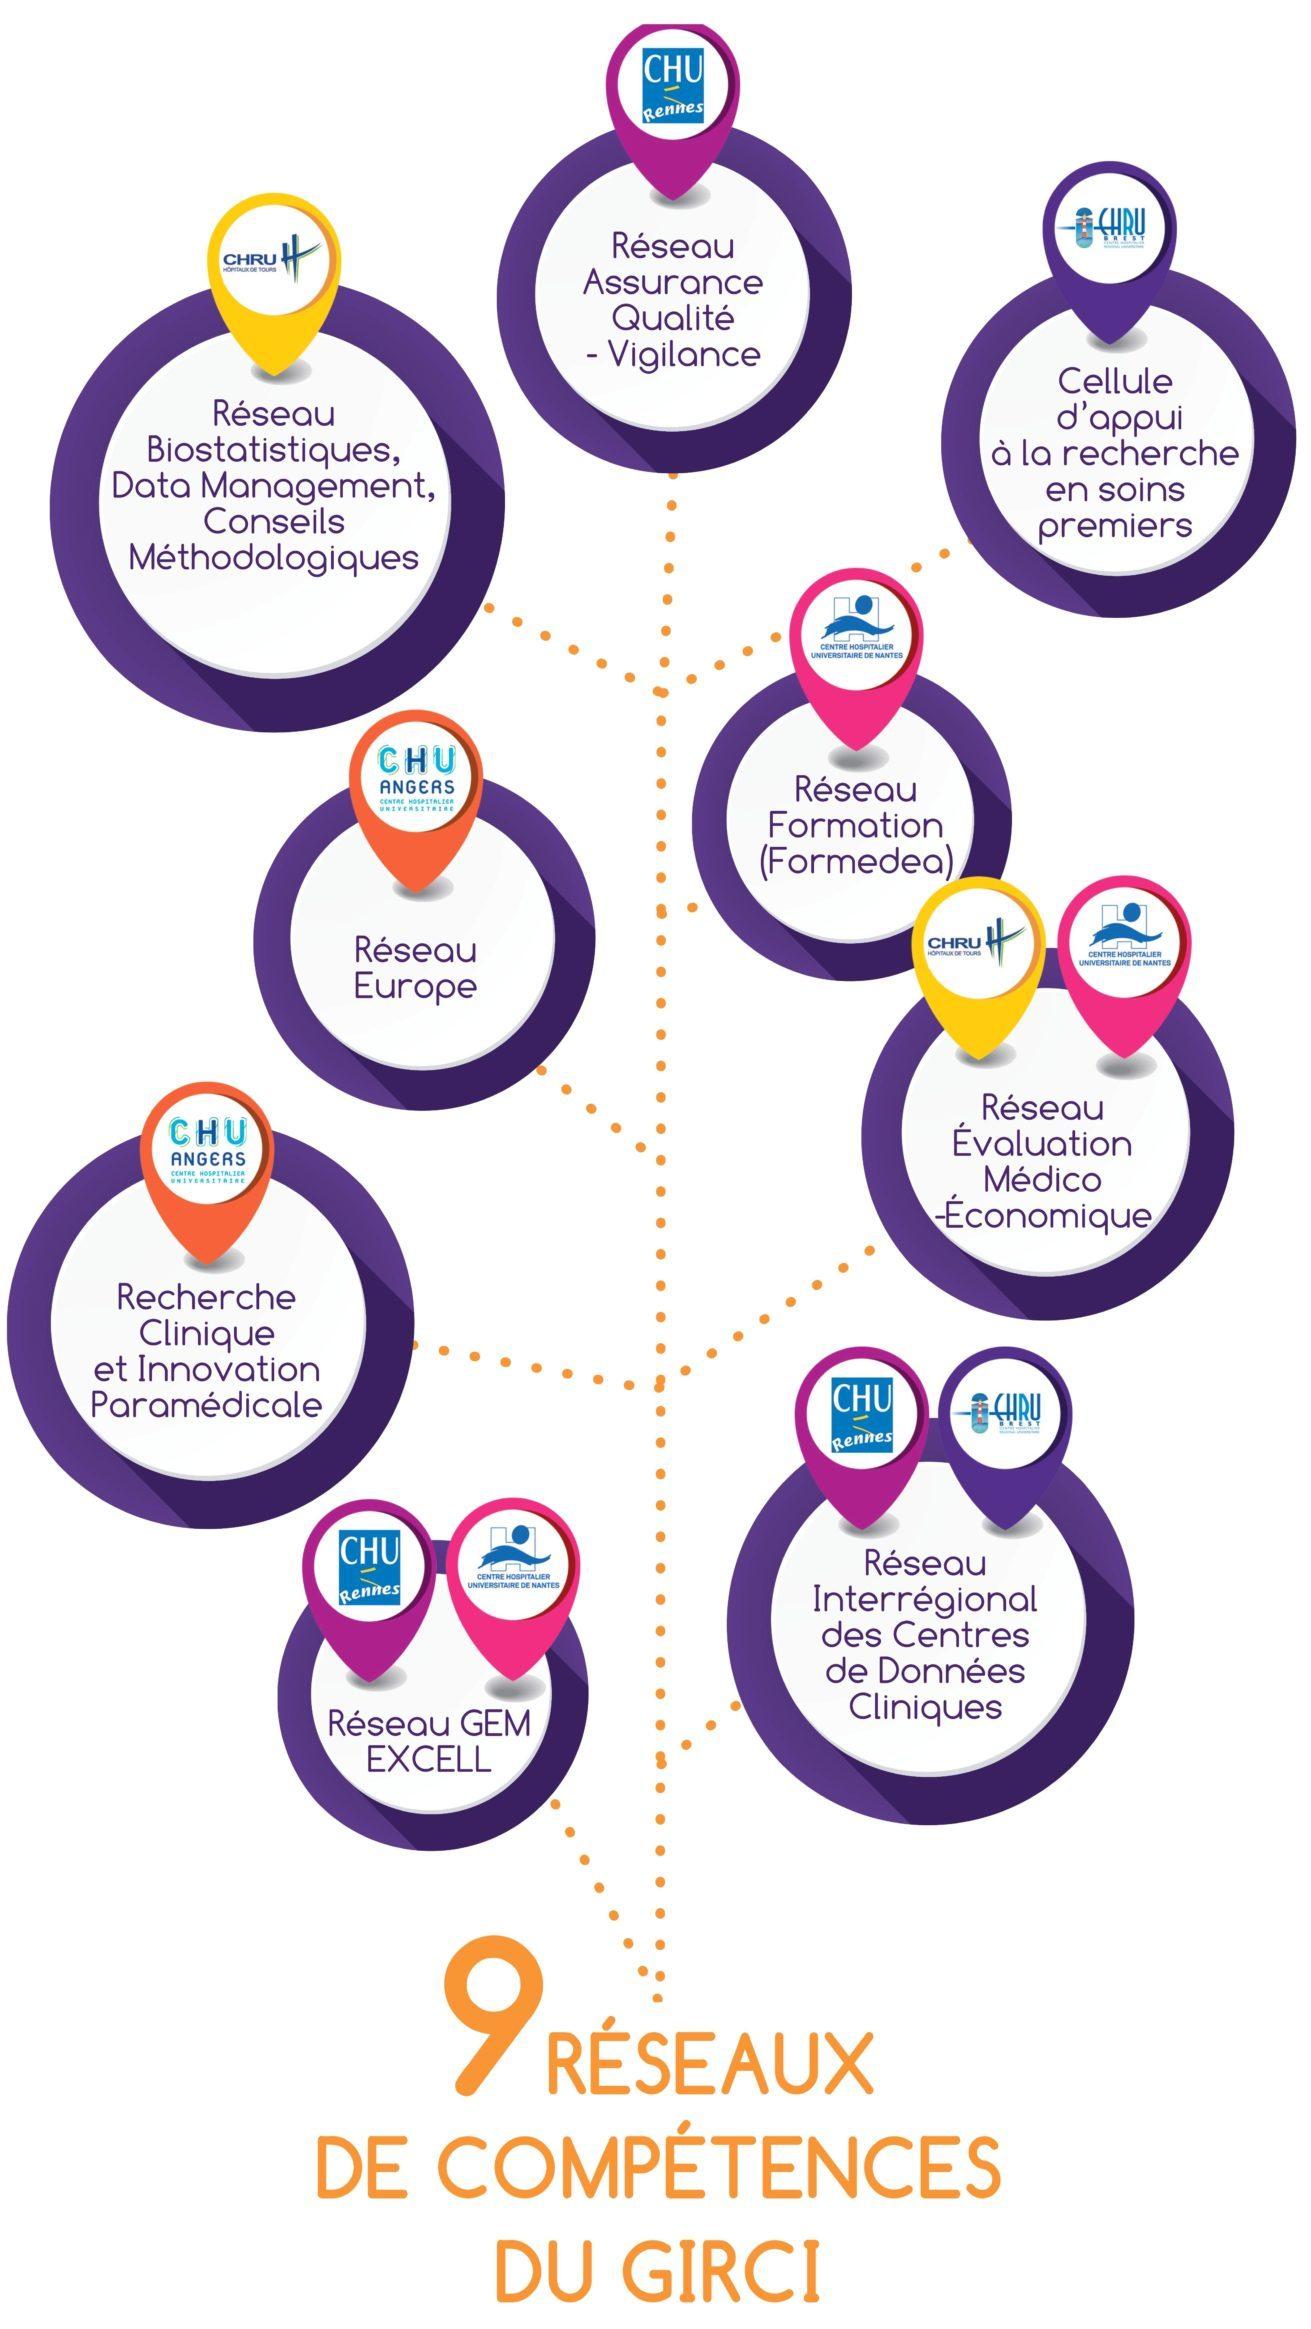 Arbre illustrant les 9 réseaux de compétences